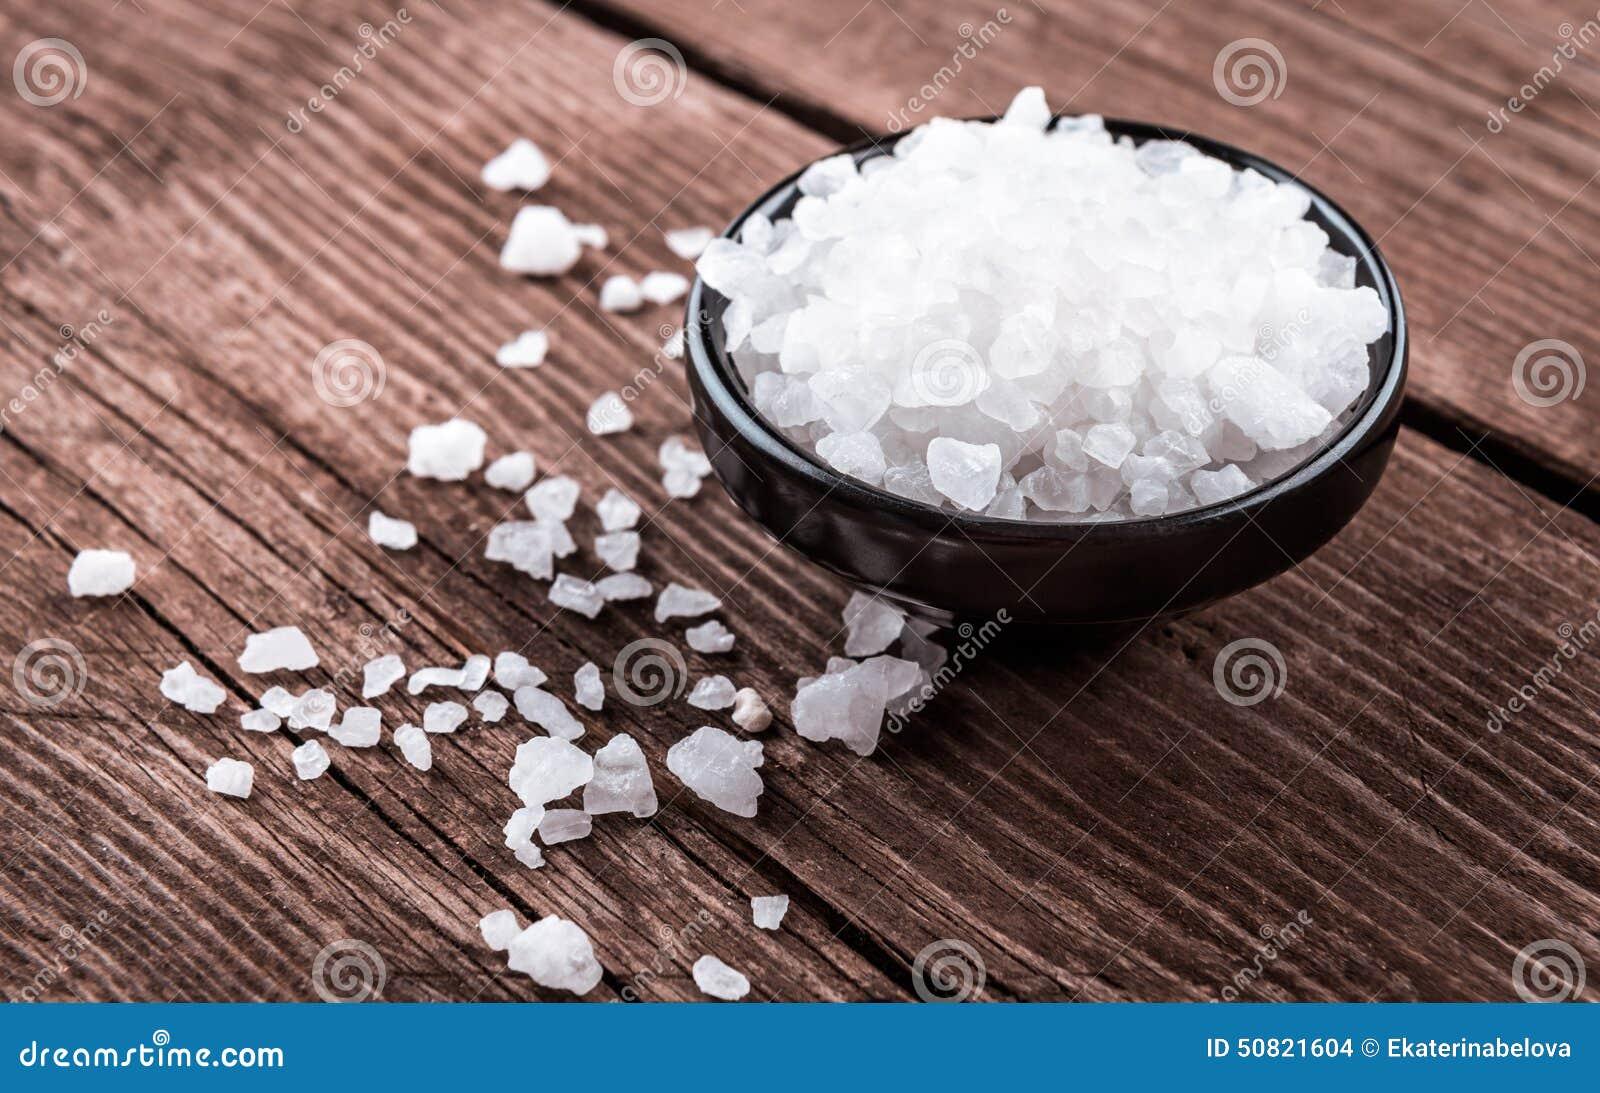 Morze sól w pucharze